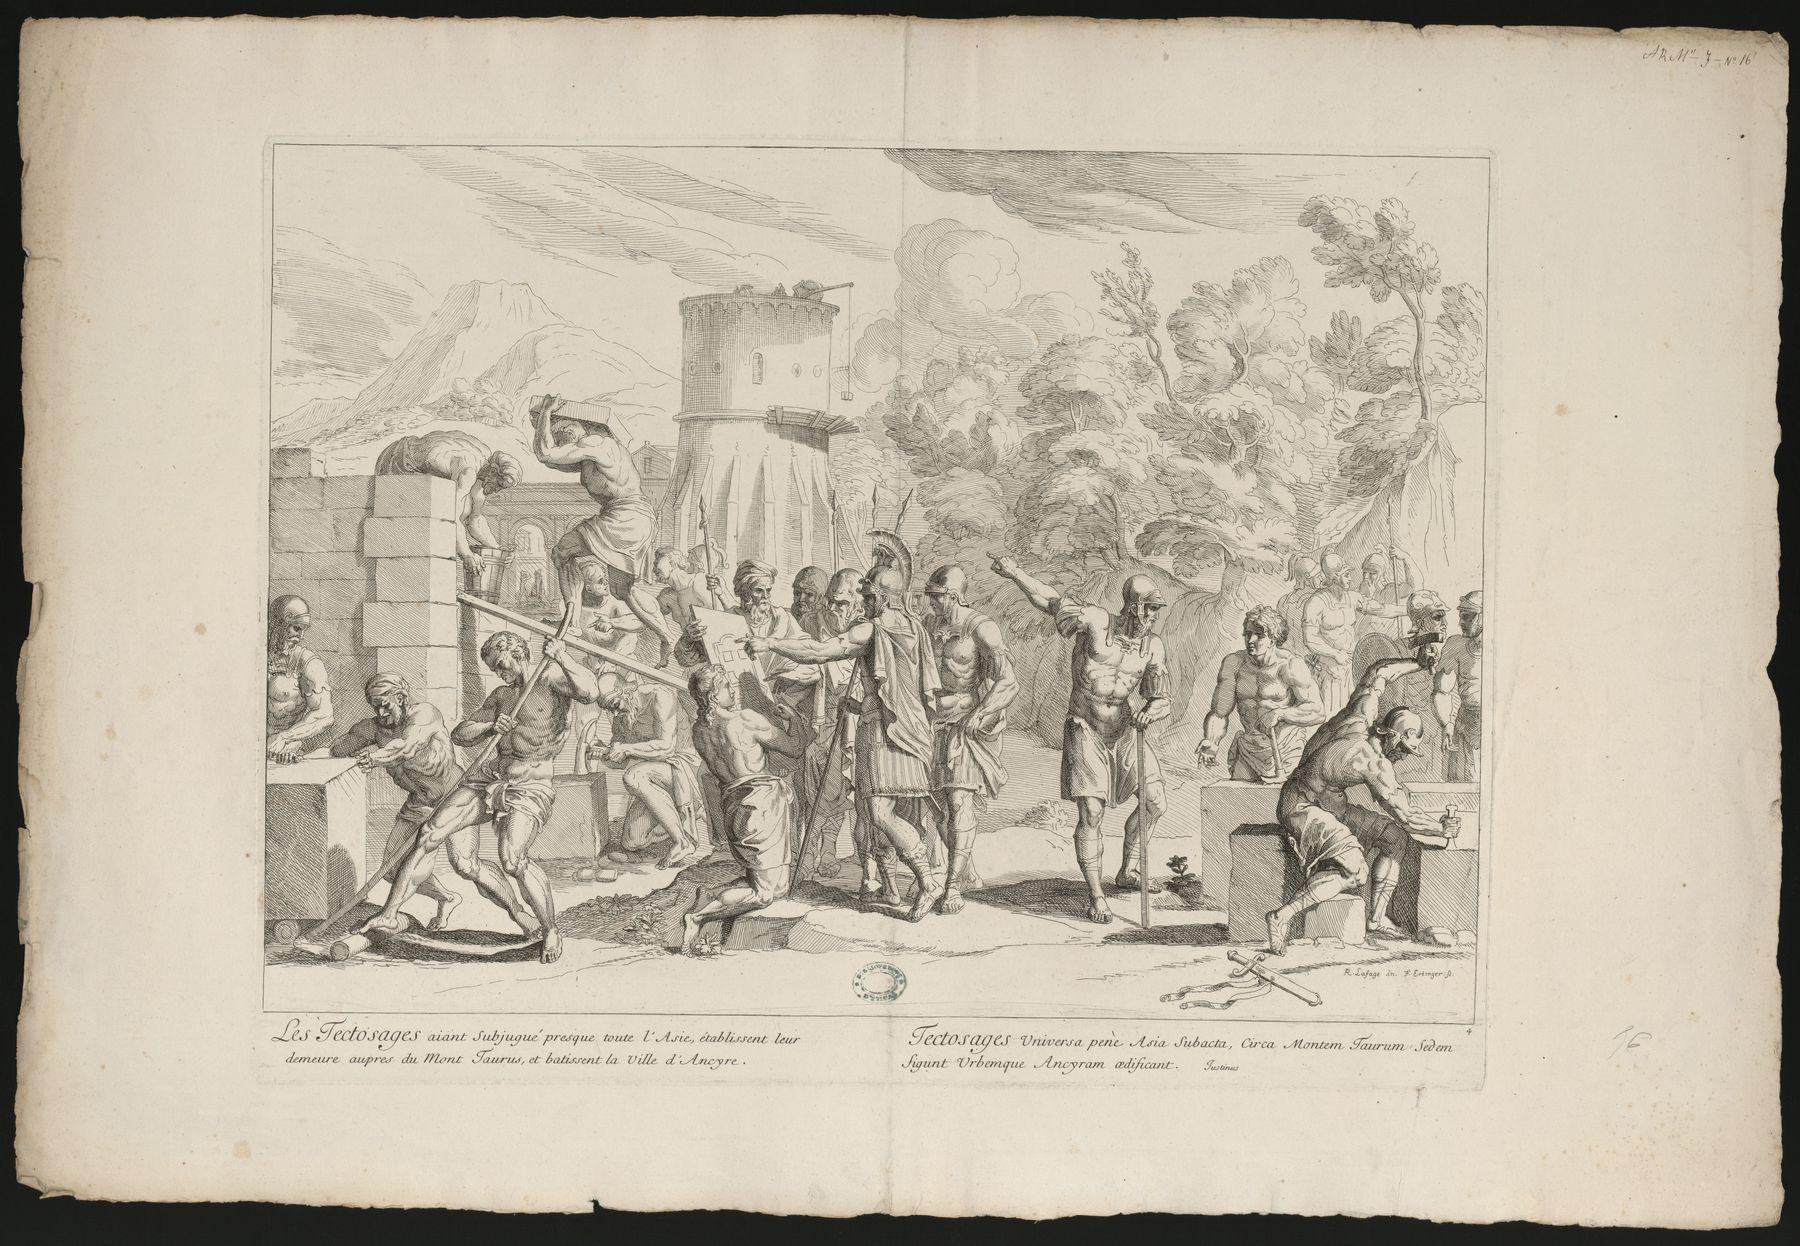 Contenu du Les Tectosages bâtissent la ville d'Ancyre